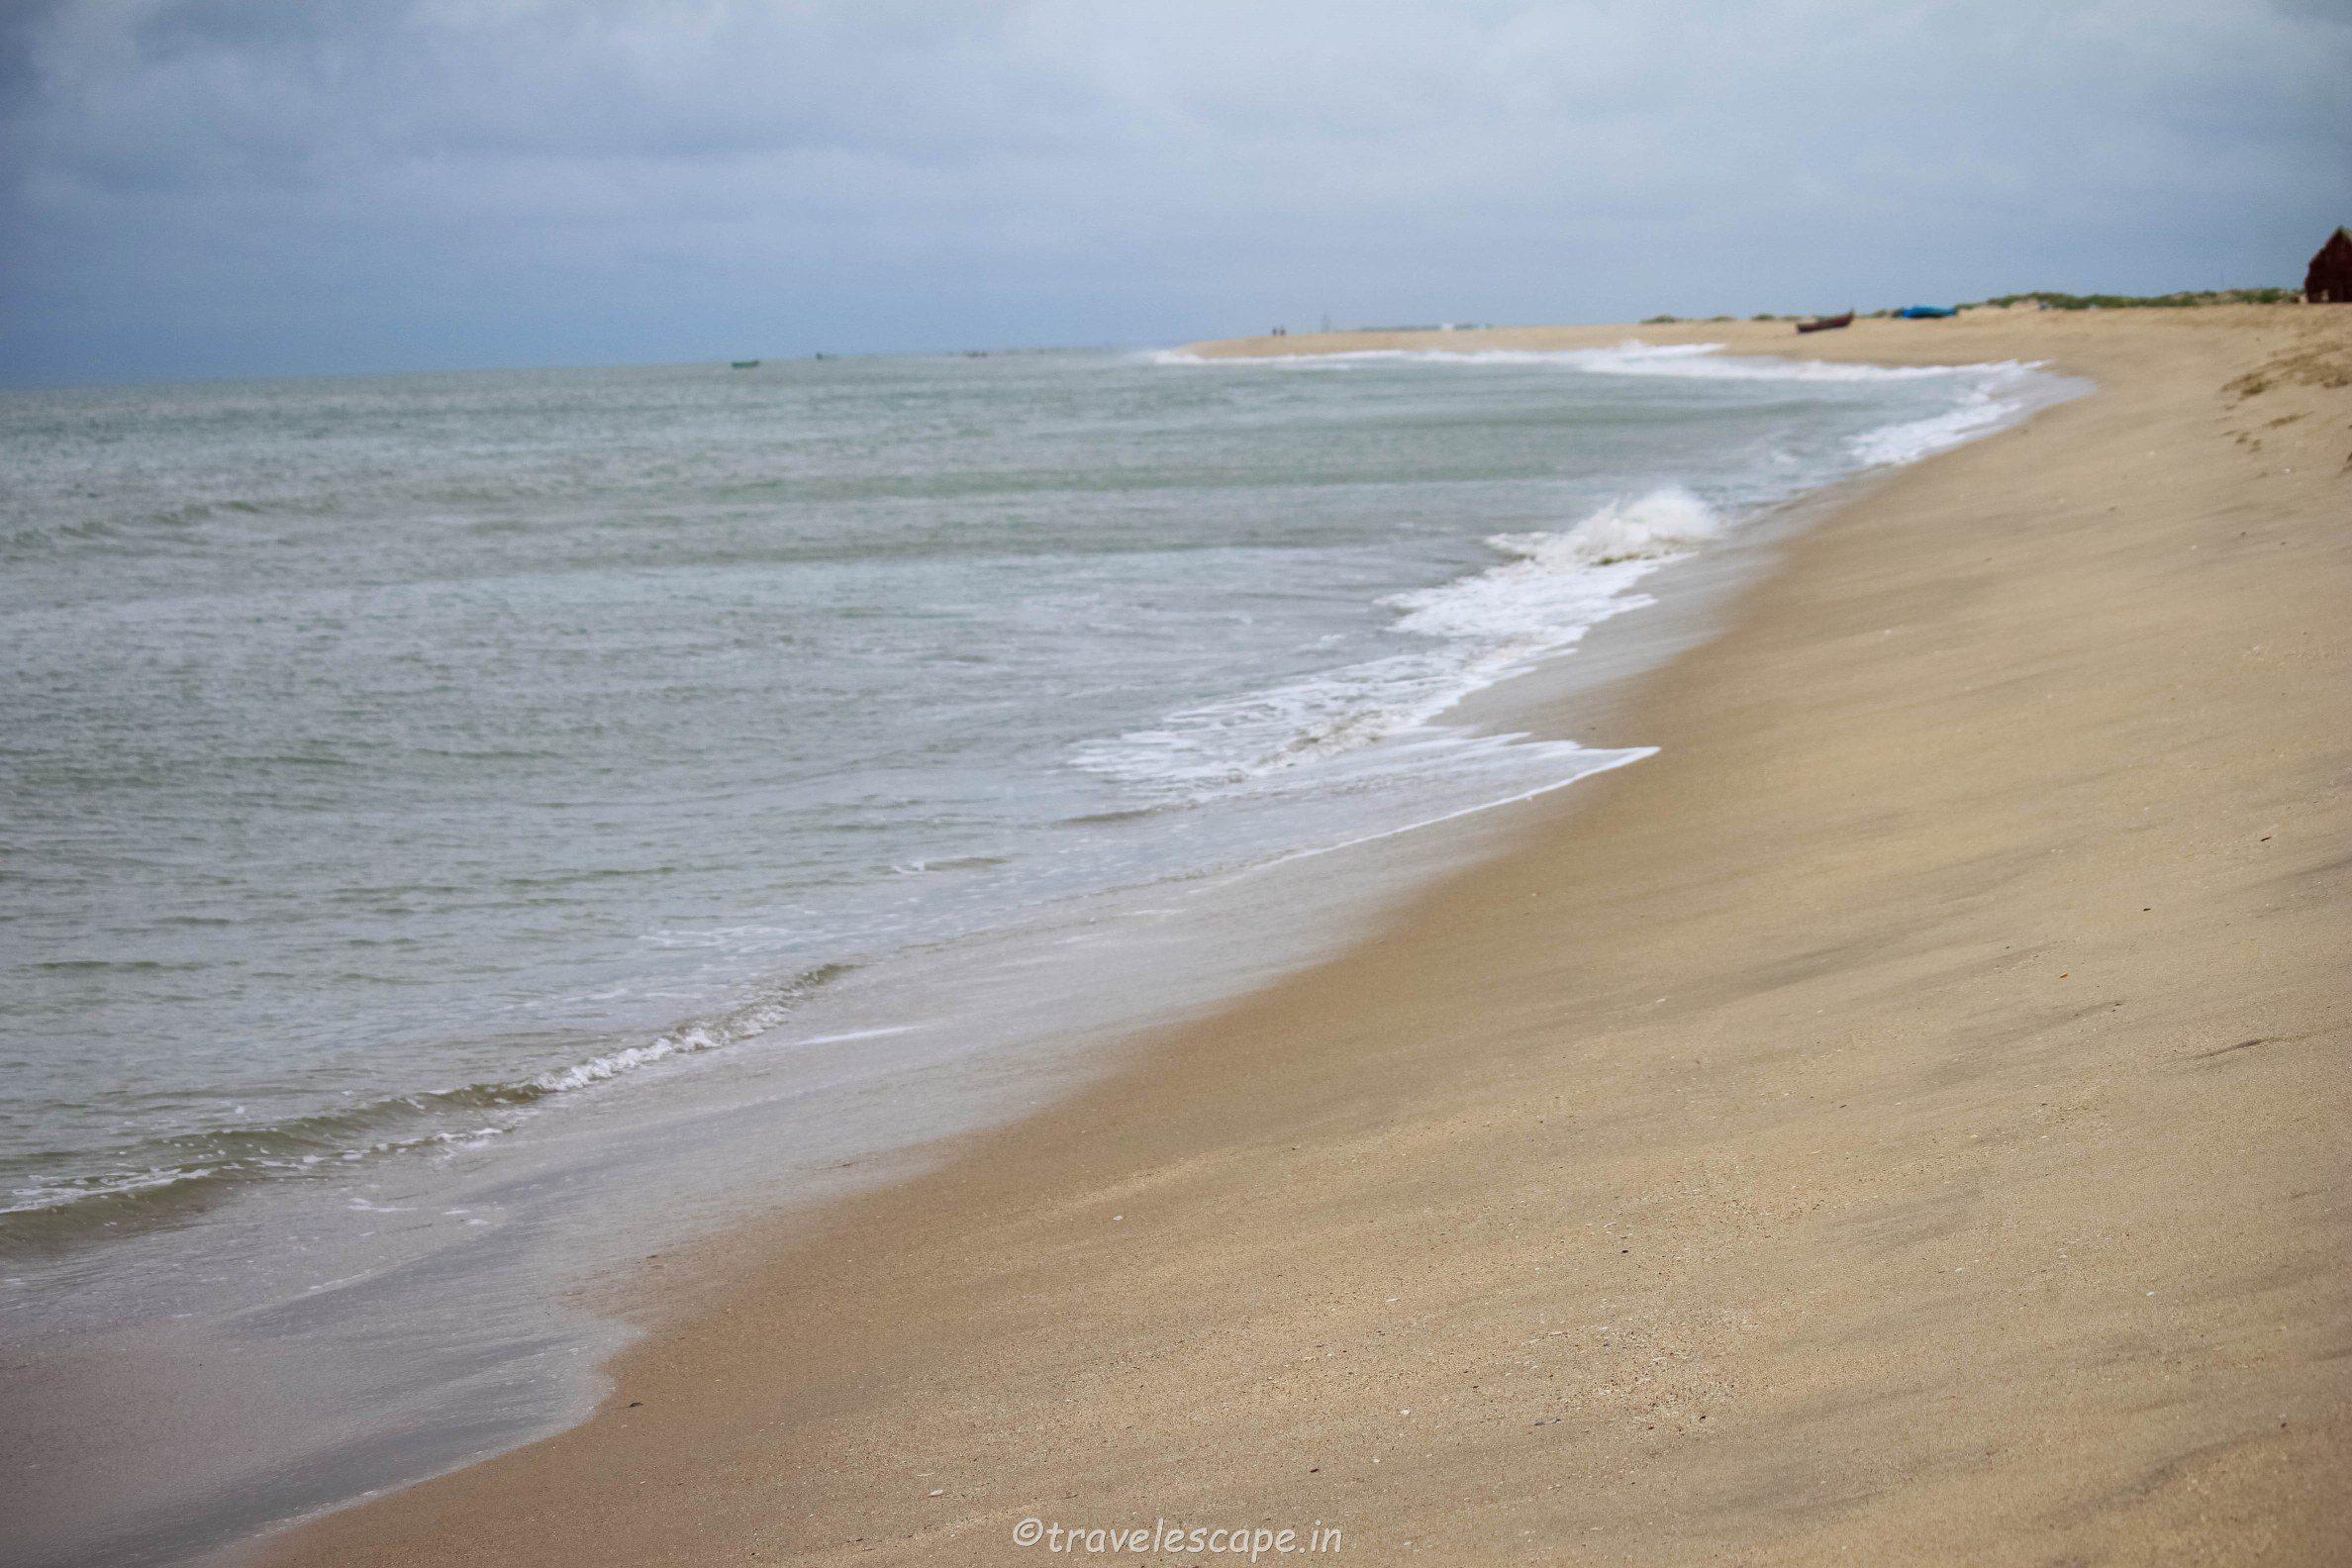 dhanushkodi - virgin beach